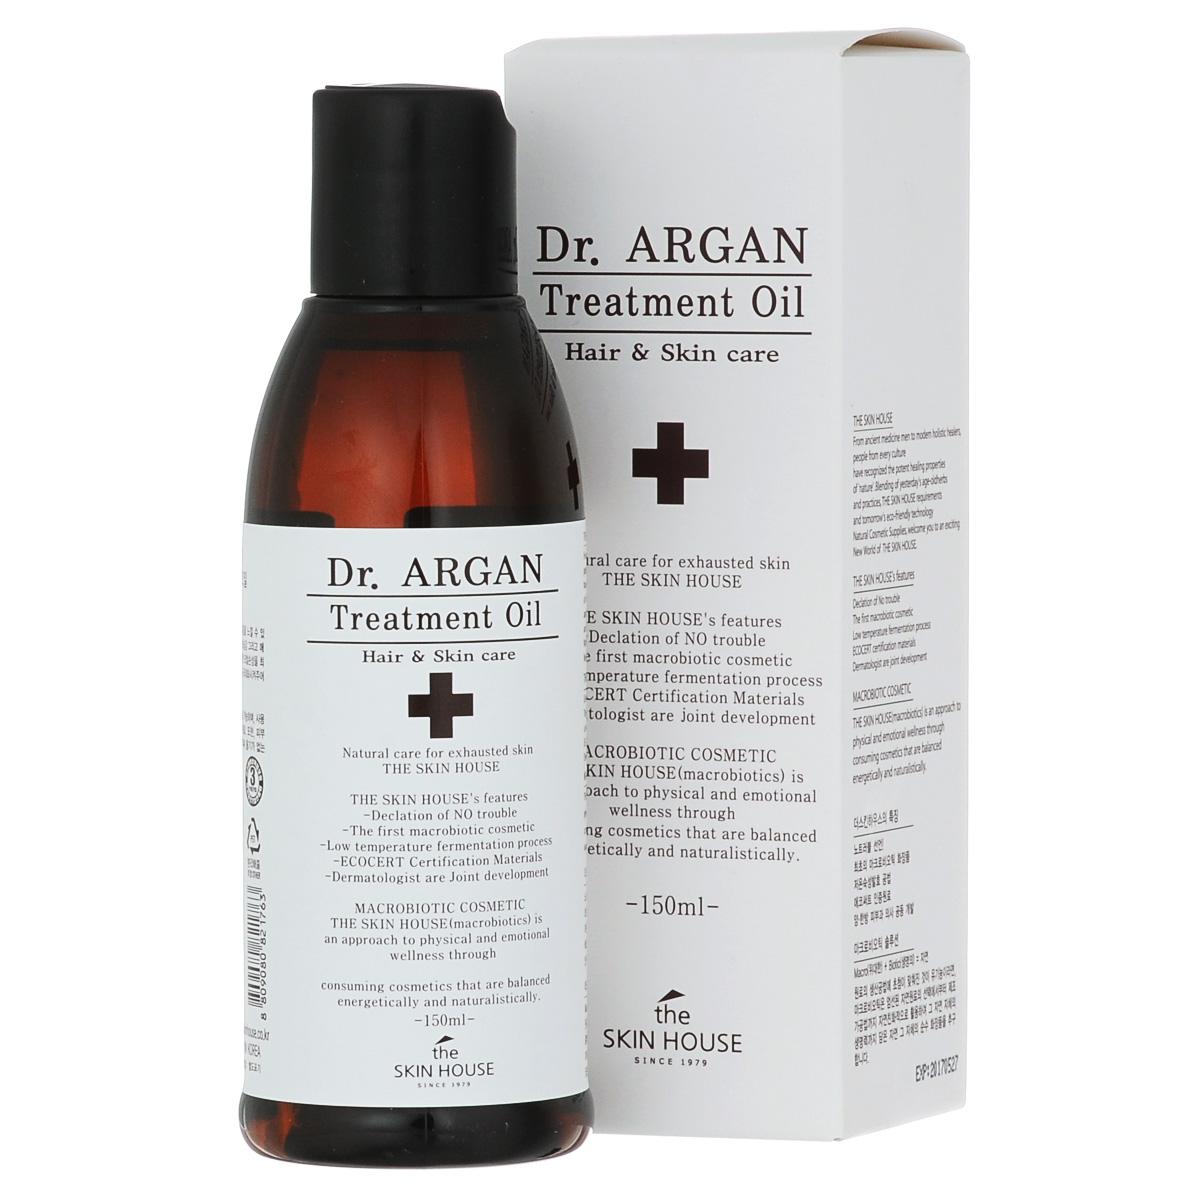 The Skin House Масло арганы для восстановления волос DR. Argan treatment oil, 150 млMP59.4DУвлажняющая эссенция, не склеивающая волосы! Восстанавливающее масло Dr. Argan является многофункциональным средством, которое защищает поврежденные и окрашенные волосы, а так же кожу головы. Способствует обновлению клеток кожи, а так же увлажняет, заметно улучшая внешний вид волос. Защищает волосы от агрессивных факторов внешнего воздействия, а так же делает их шелковистыми и сильными. Смягчает волосы и придает им сияние.Состав: Dimethicone, Cyclomethicone, Dimethicone, Cyclopentasiloxane, Isopropyl Myristate, Dimethicone, Phenyl Trimethicone, Hexyl Laurate, Argania Spinosa Kernel Oil, Fragrance, Ethylhexyl Methoxycinnamate, Rosa Canina Fruit Oil, Simmondsia Chinensis (Jojoba) Seed Oil, Camellia Japonica Seed Oil, Phenoxyethanol